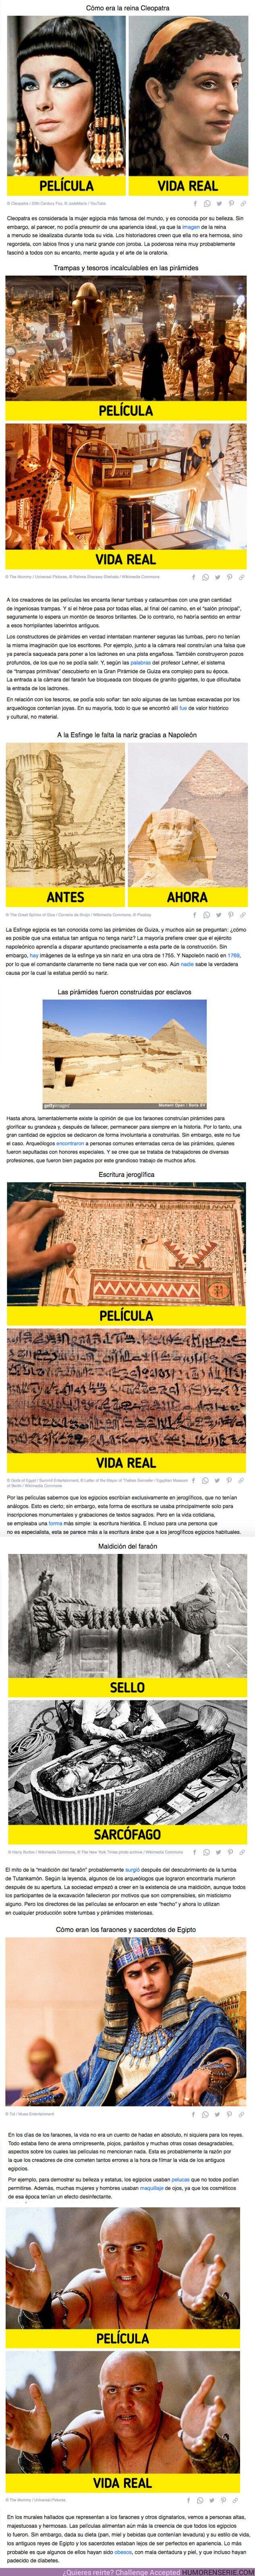 73137 - GALERÍA: 7 Estereotipos molestos sobre el antiguo Egipto que quedaron grabados en nuestras mentes debido al cine